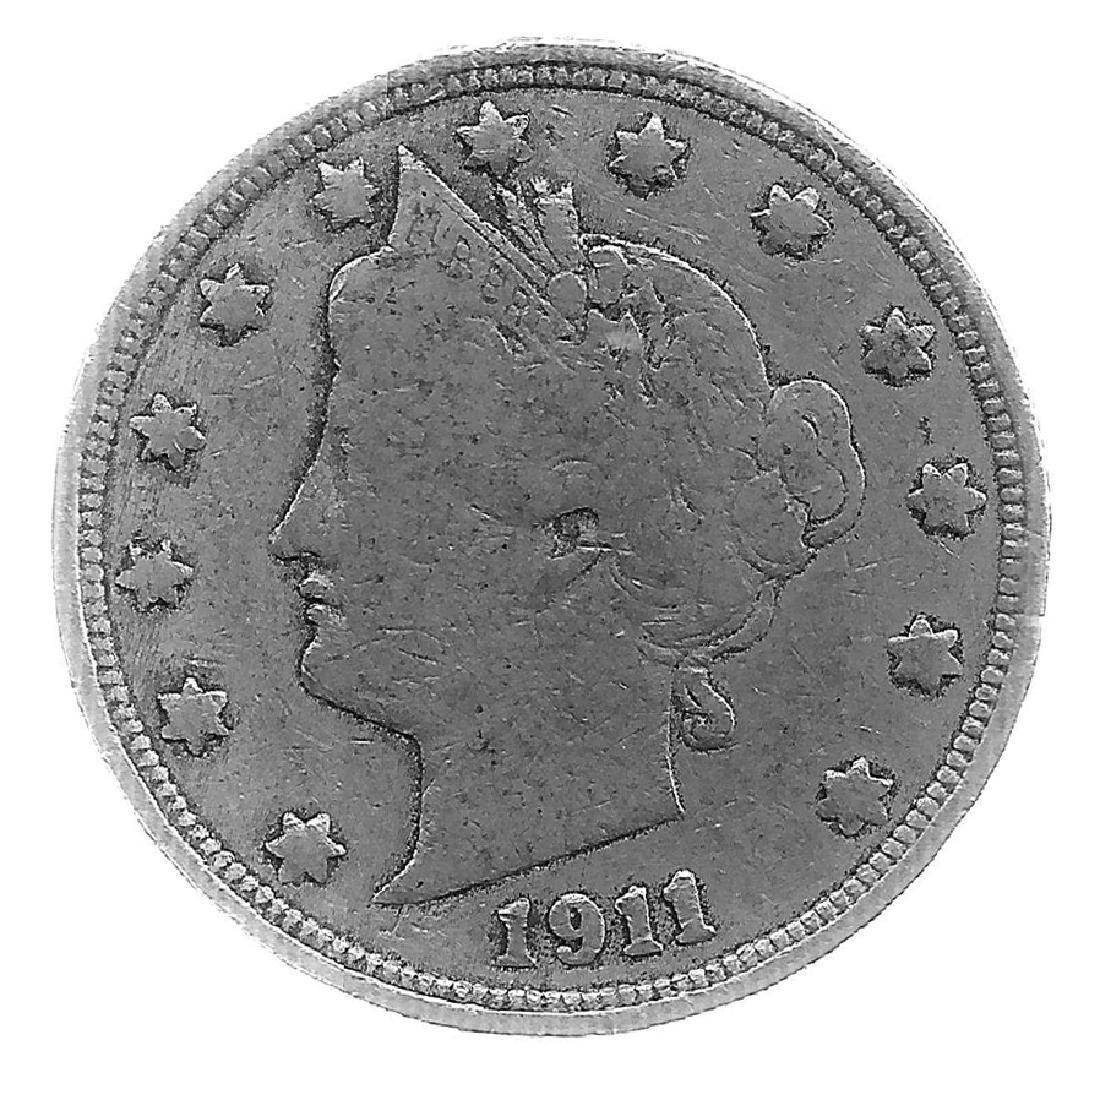 1911 Better Grade Lib 5c Partial Liberty Showing